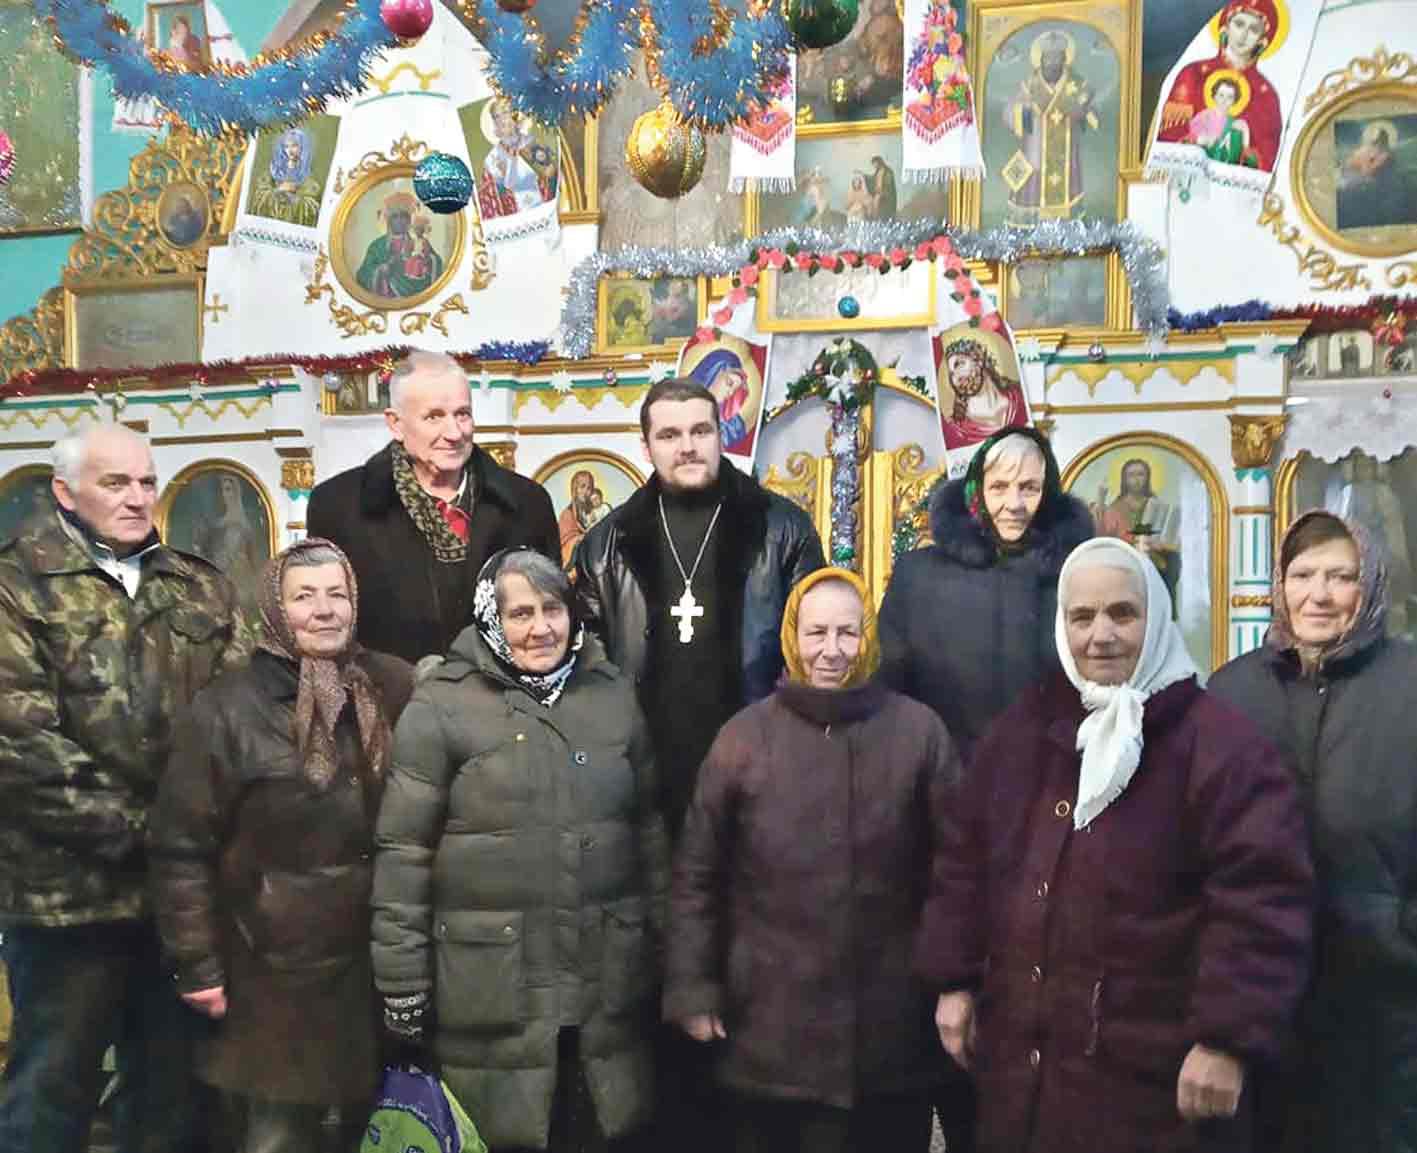 Громади Стадниці та Сокиринець приєдналися до Помісної Церкви, а священик обізвав їх «розкольниками» (відео)